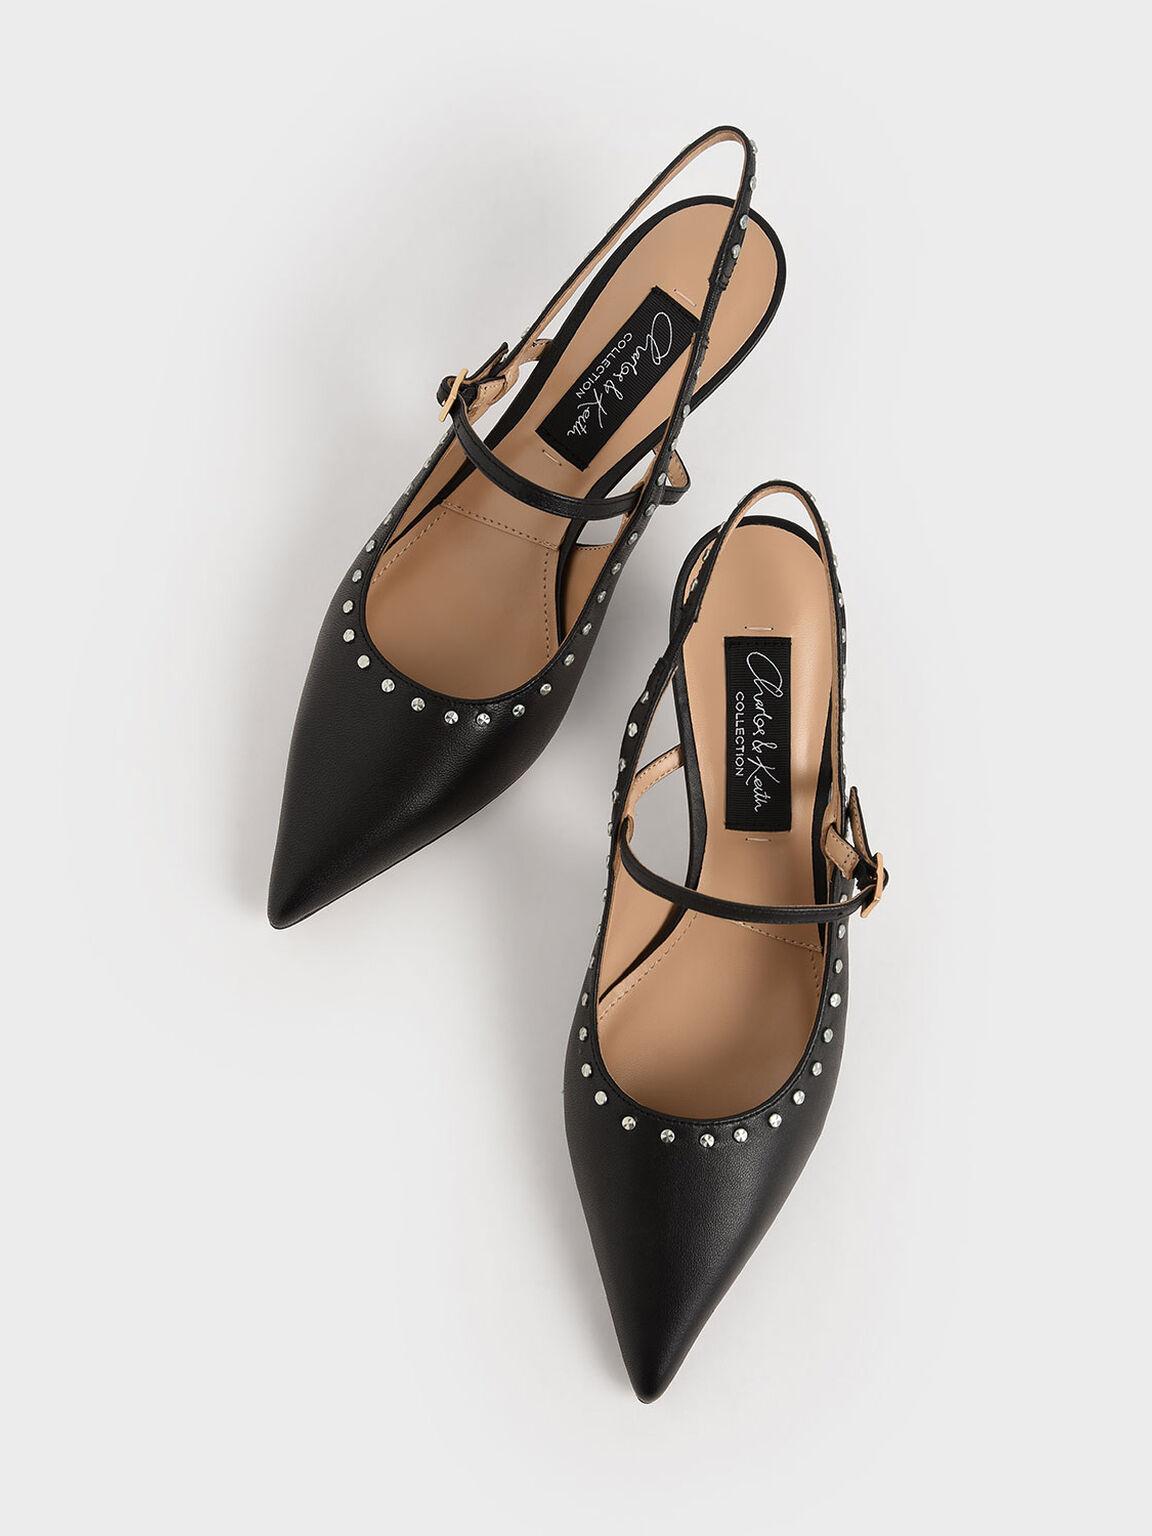 Studded Leather Slingback Pumps, Black, hi-res